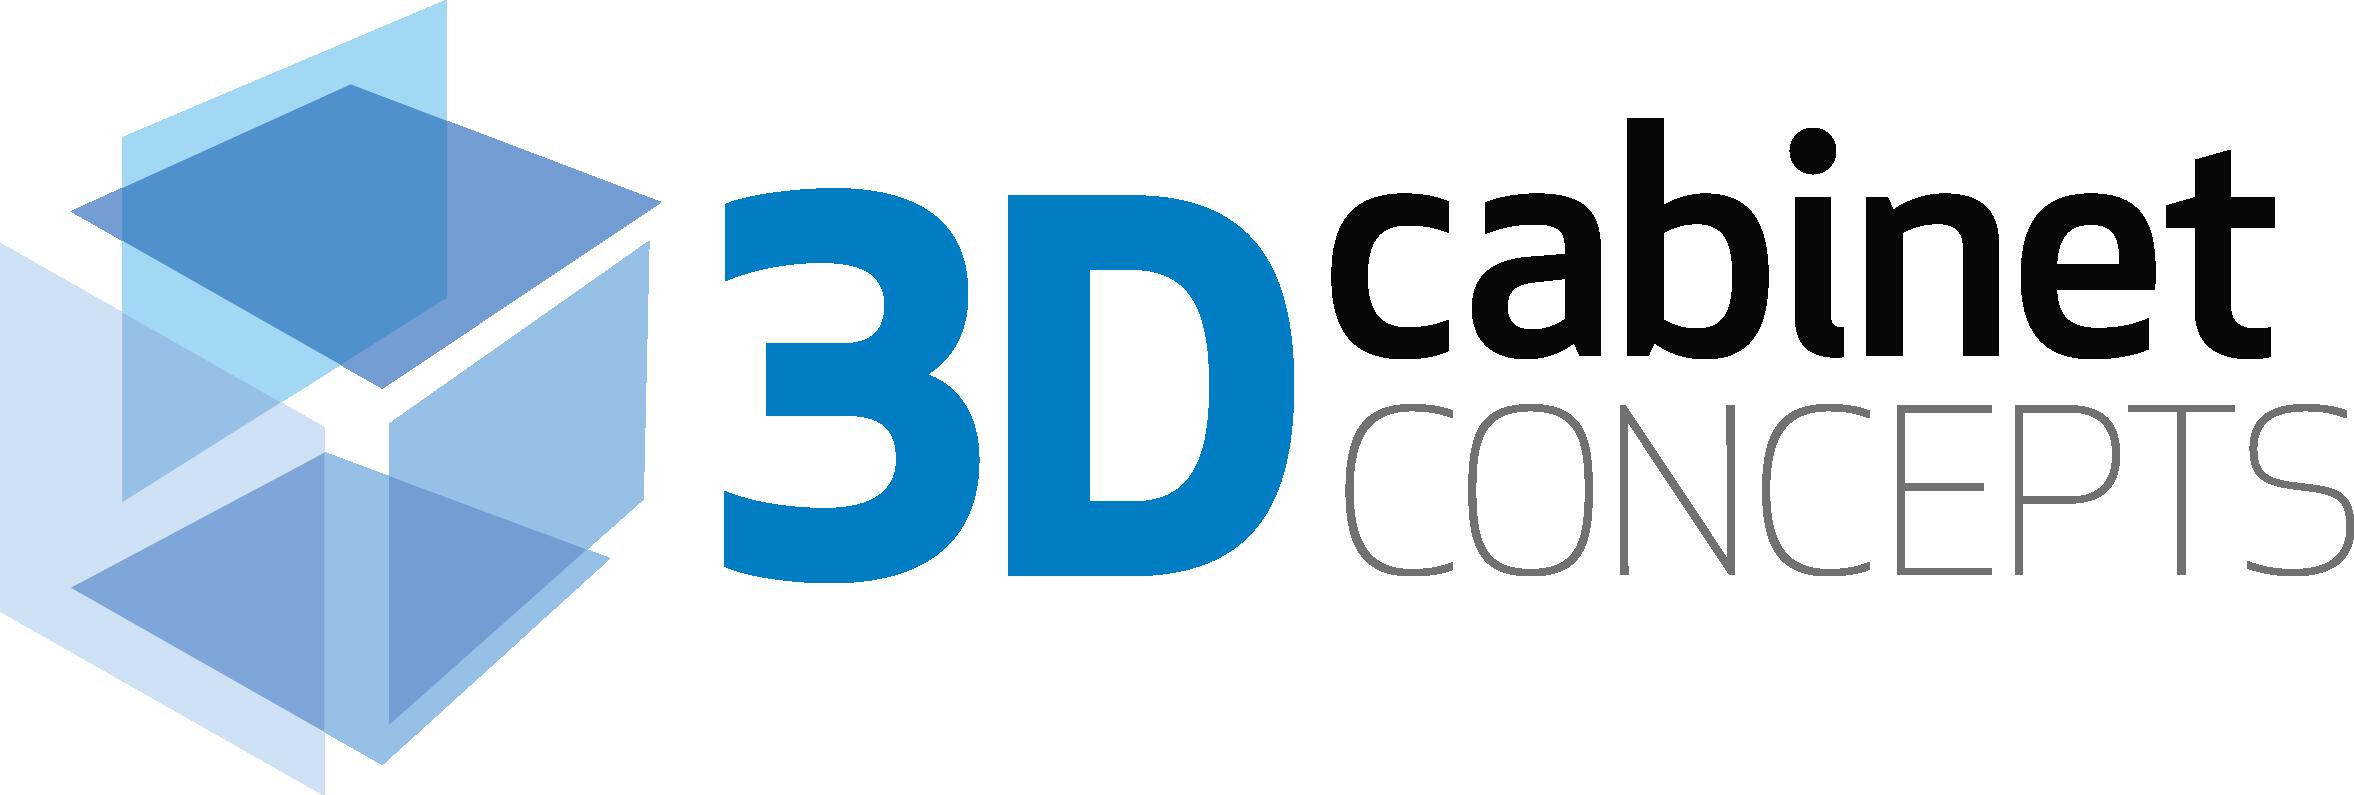 3D Cabinet Concepts